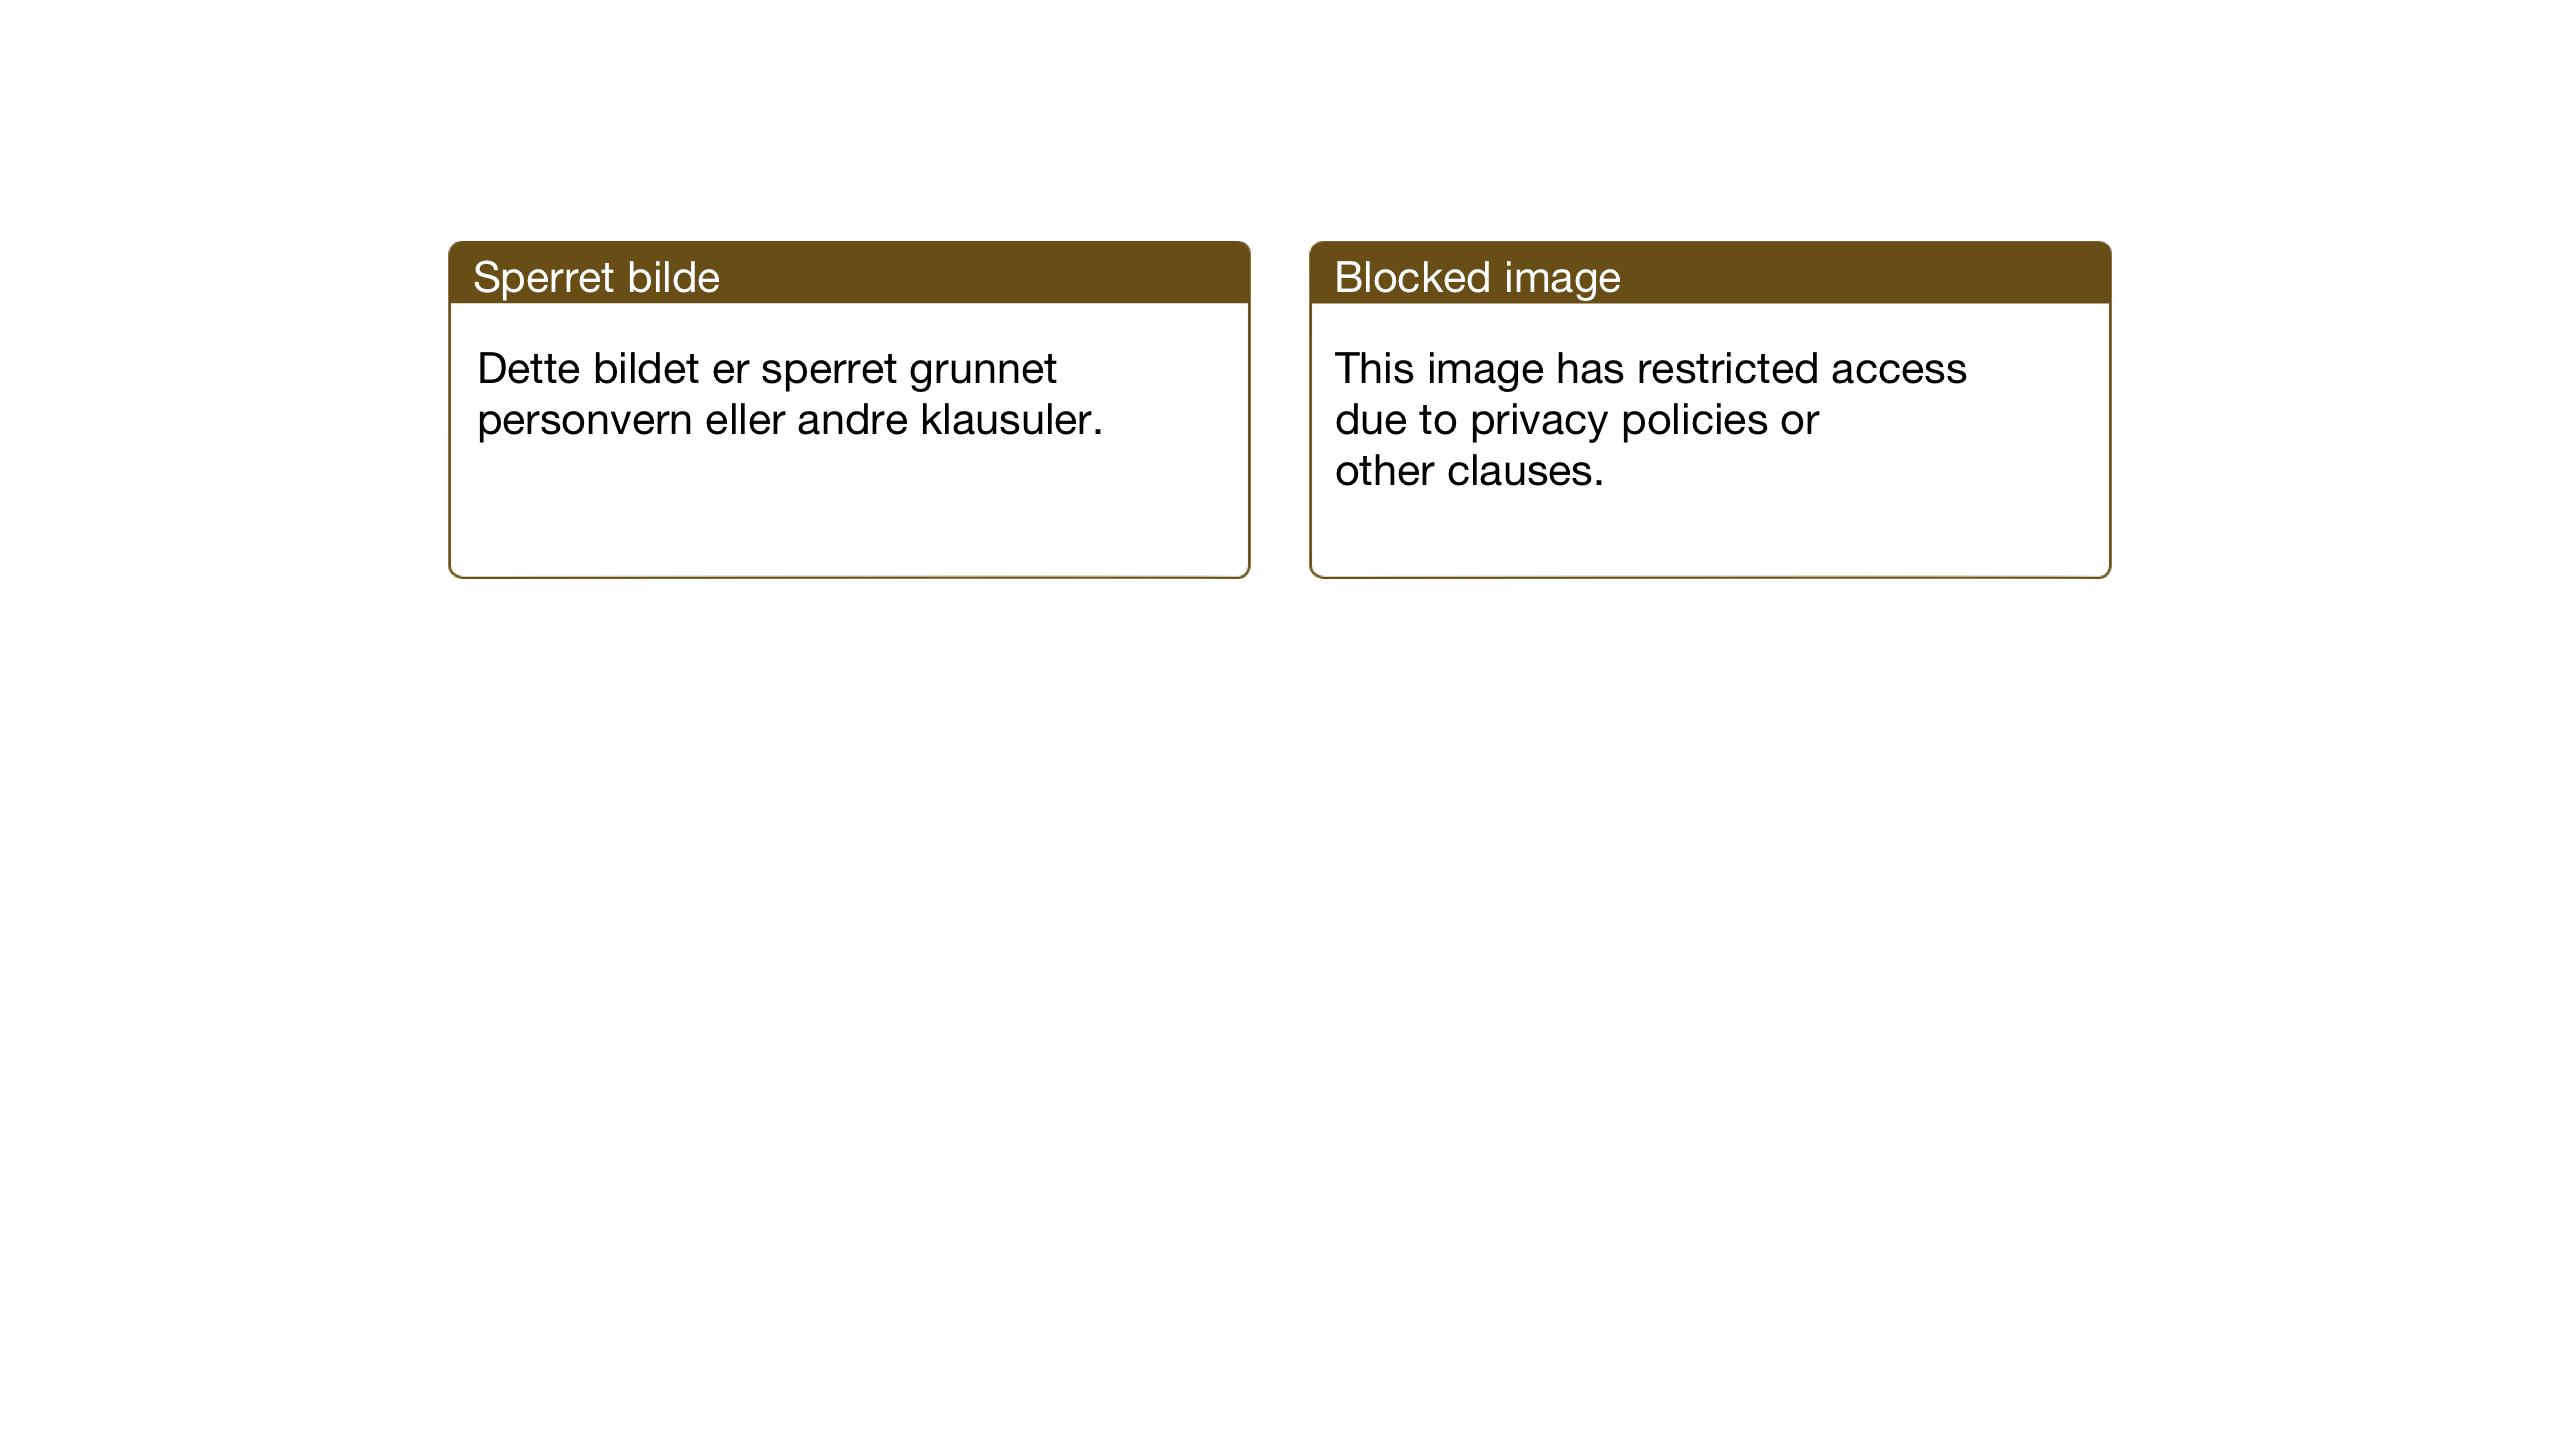 SAT, Ministerialprotokoller, klokkerbøker og fødselsregistre - Sør-Trøndelag, 682/L0947: Klokkerbok nr. 682C01, 1926-1968, s. 117